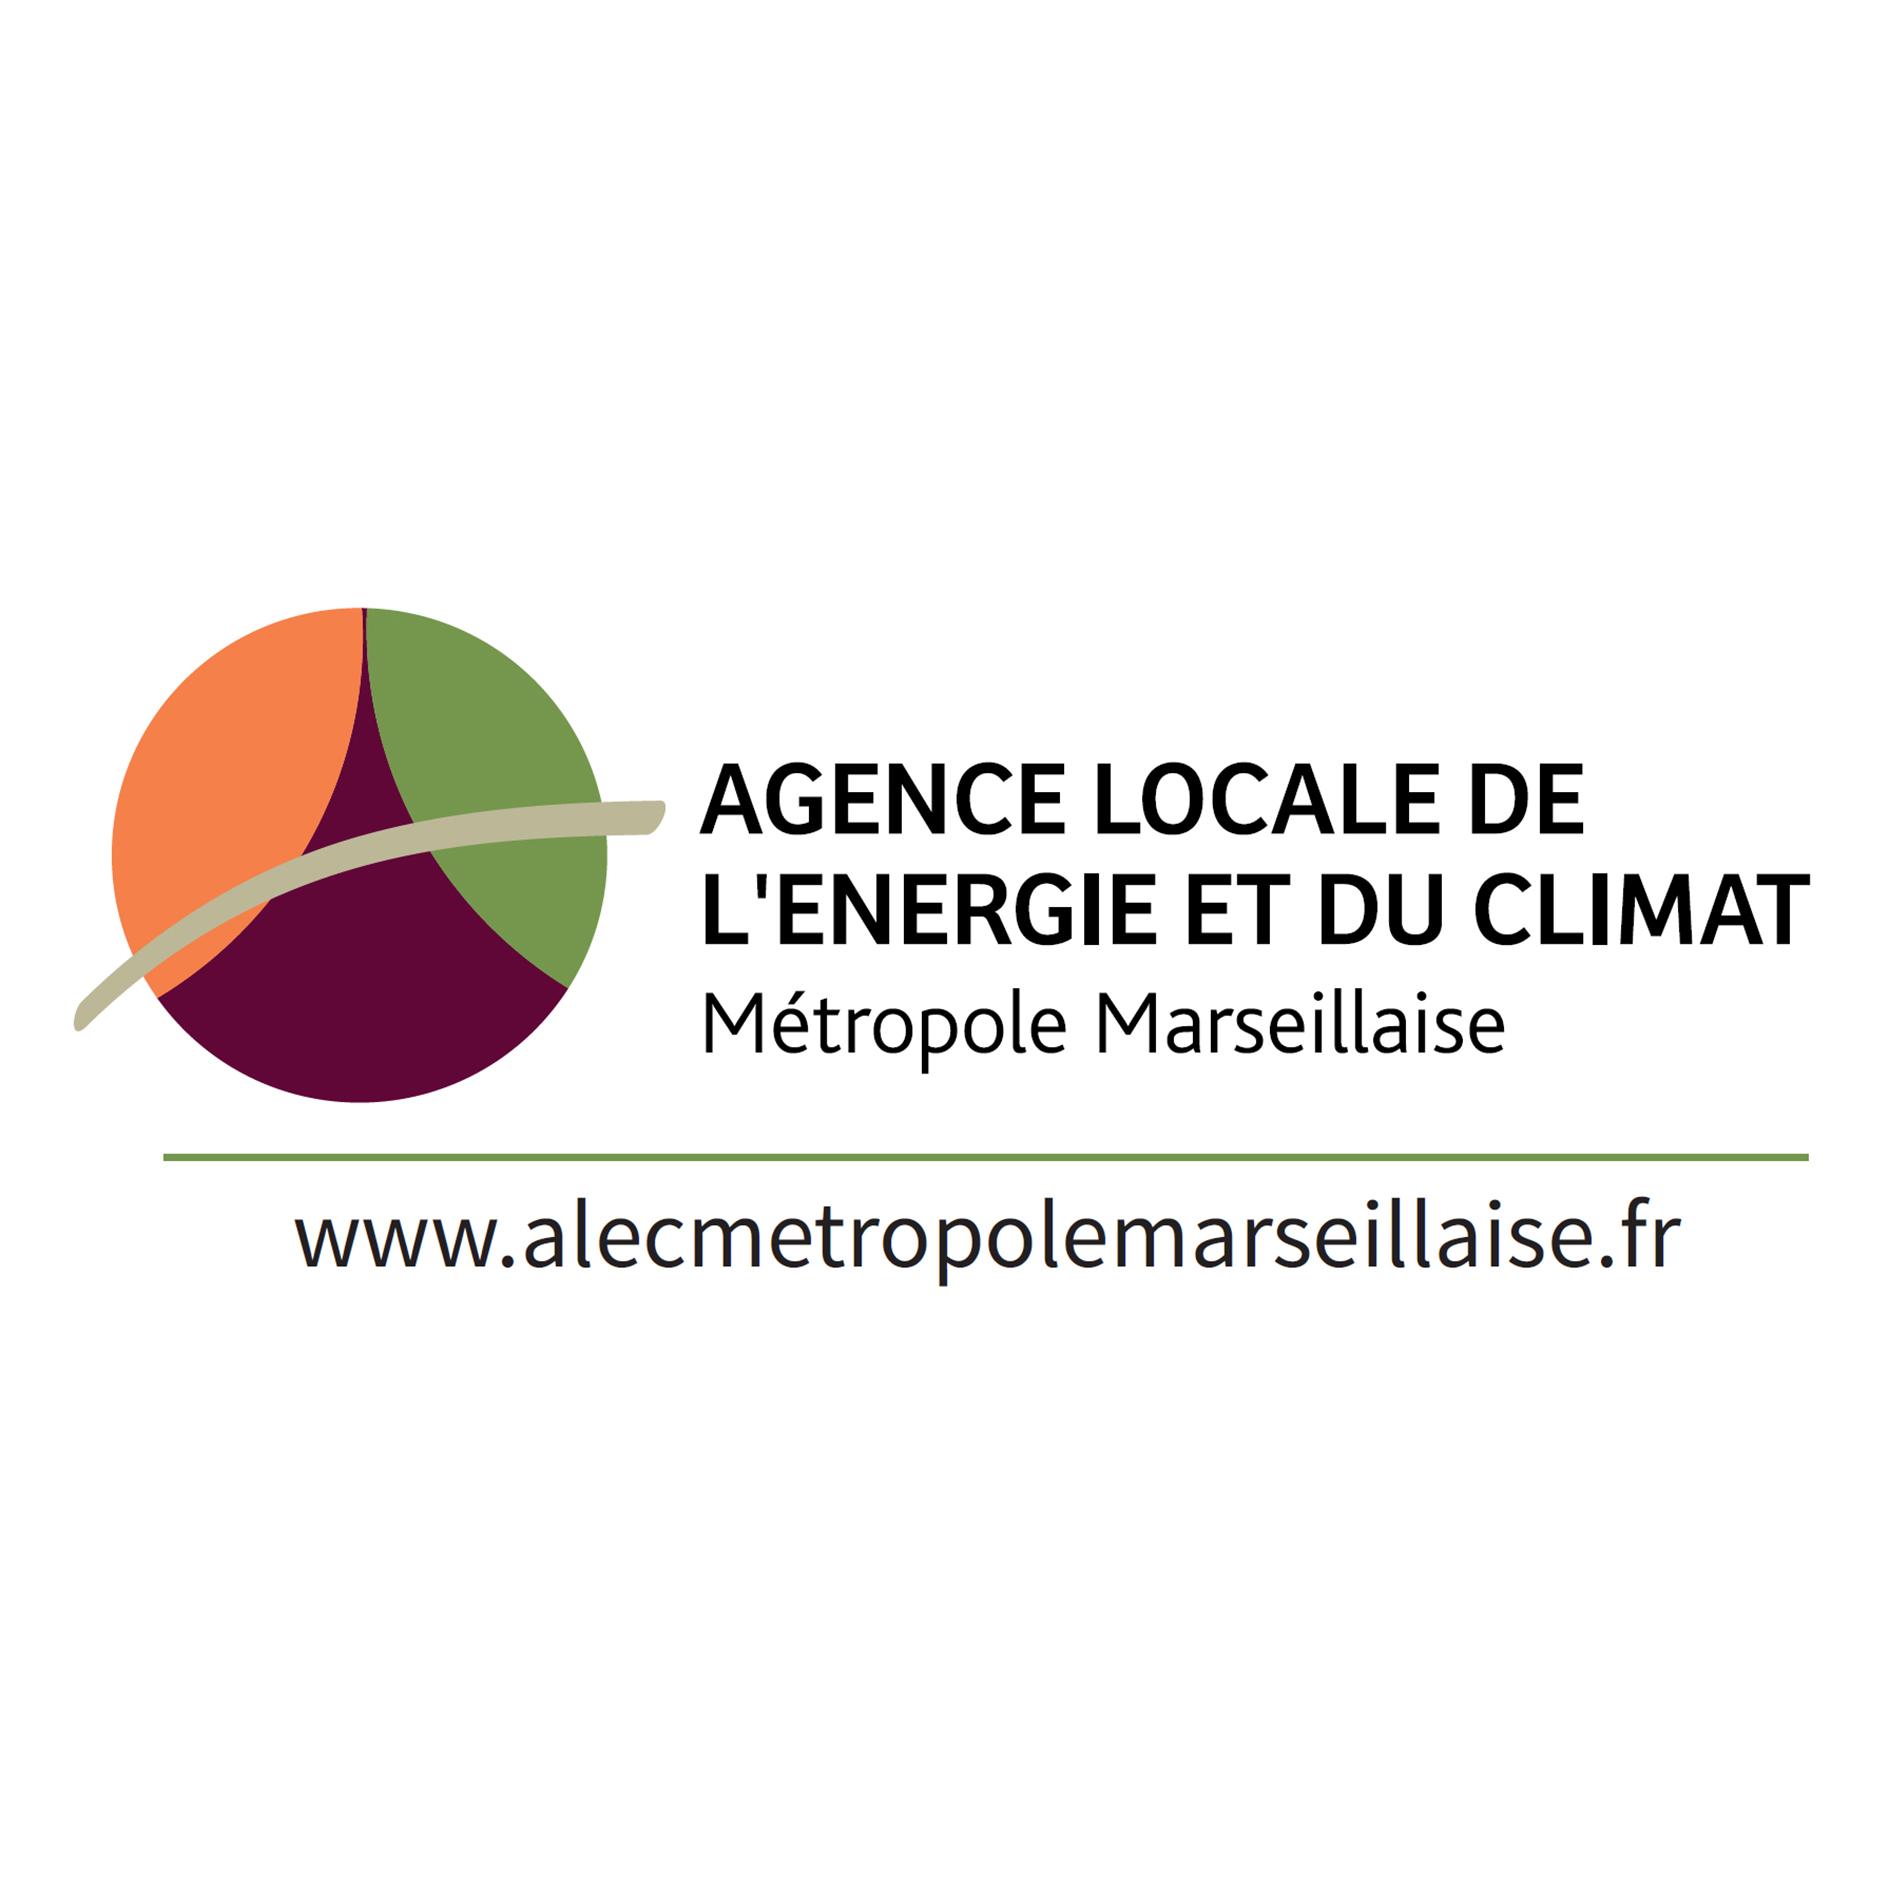 https://fr.krannich-solar.com/fr/entreprise/succursales.html